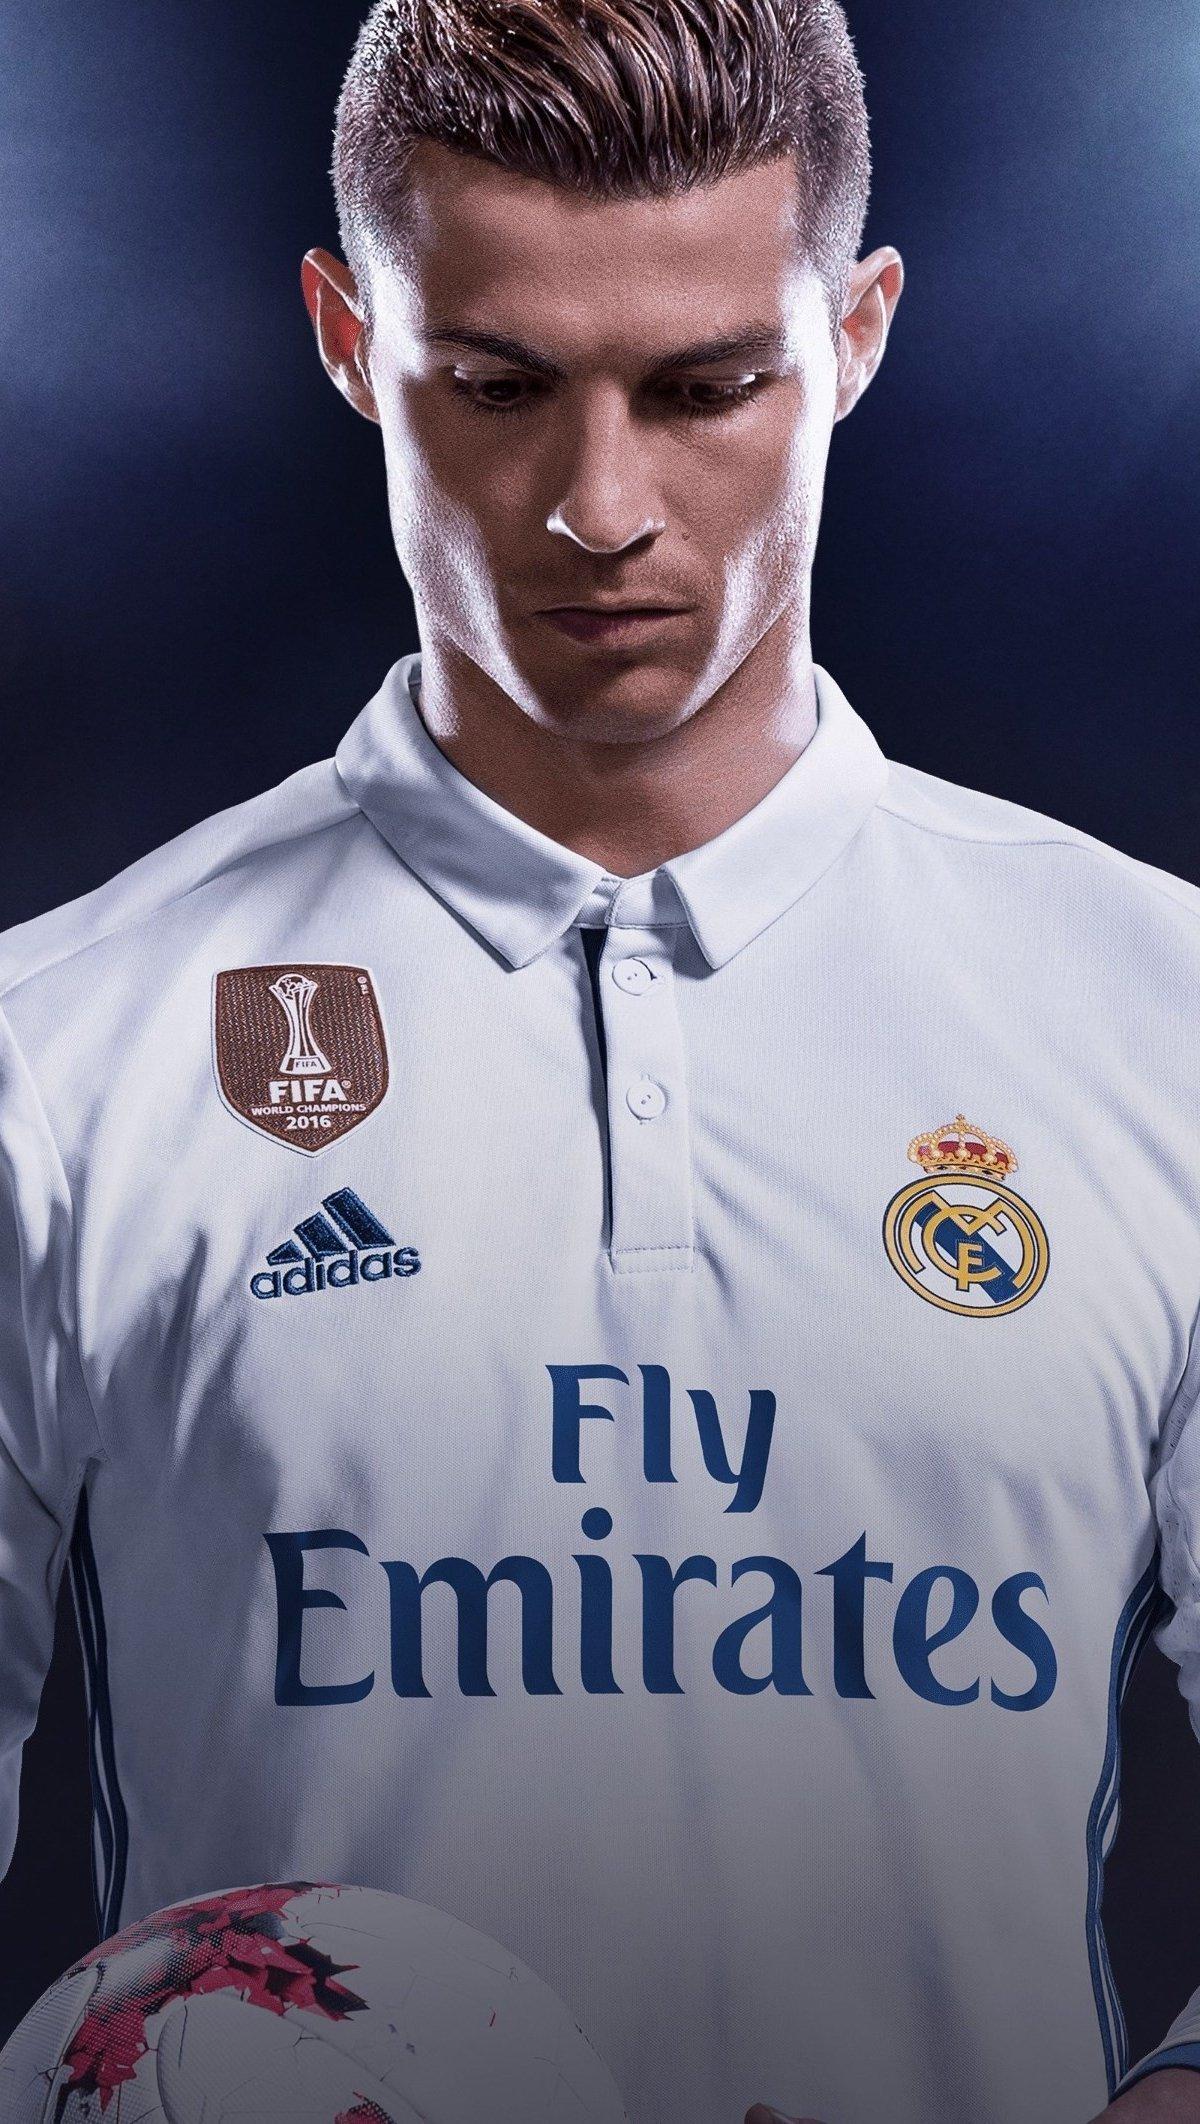 Fondos de pantalla Cristiano Ronaldo CR7 - Real Madrid Portada juego FIFA 2018 Vertical